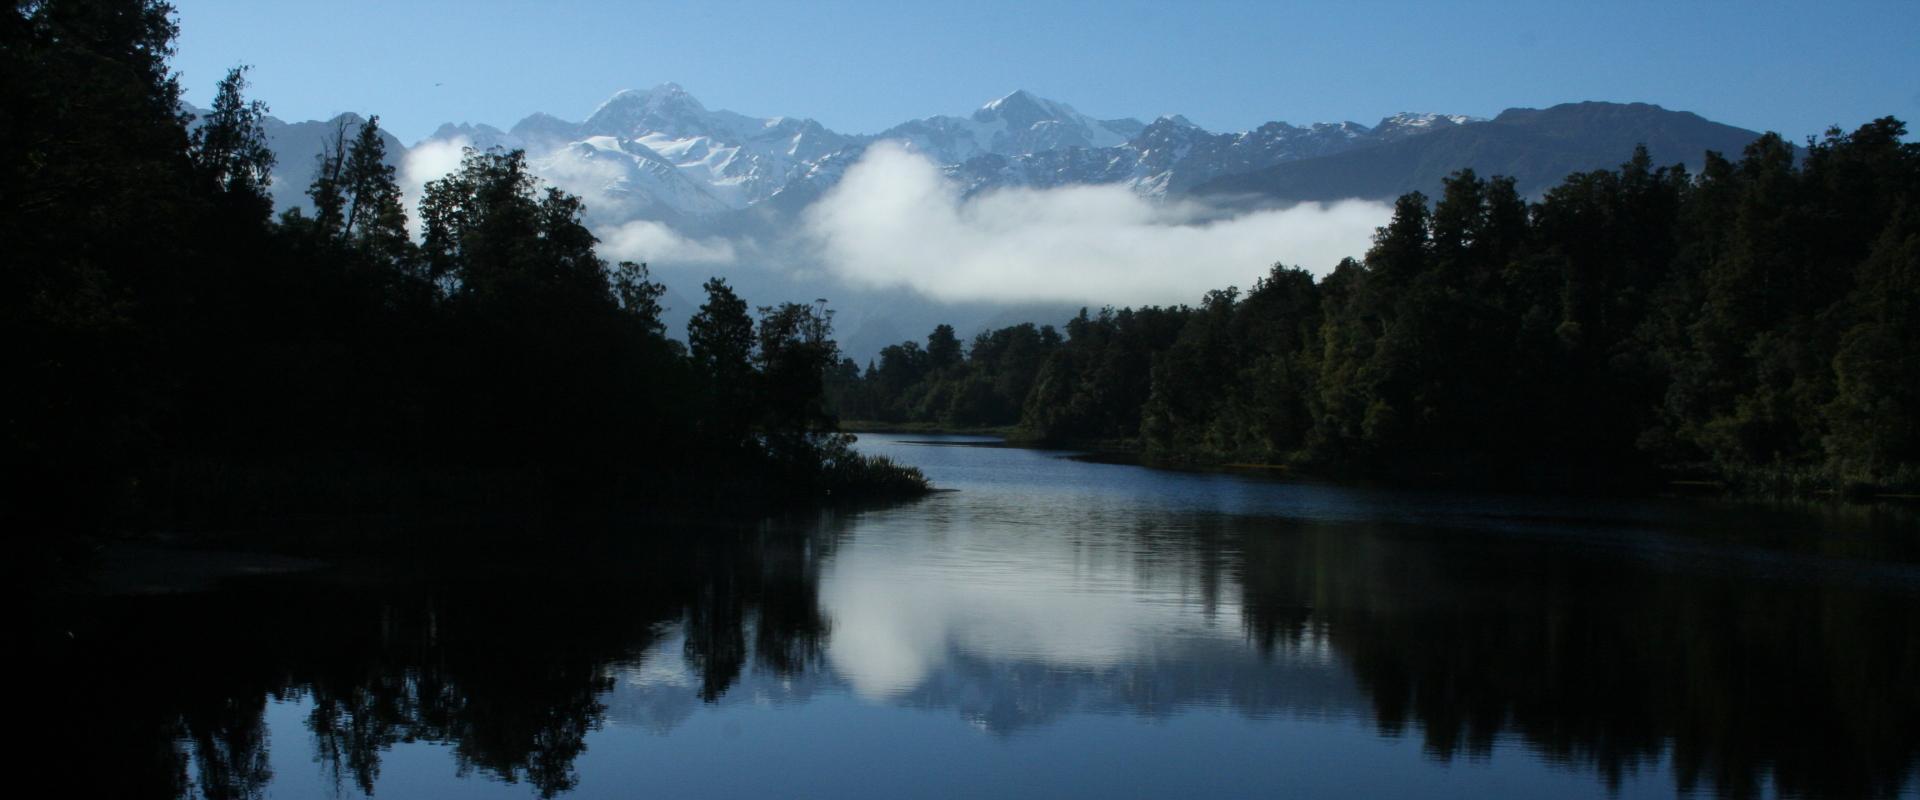 ניו זילנד - גן עדן עלי אדמות | חבלי ארץ